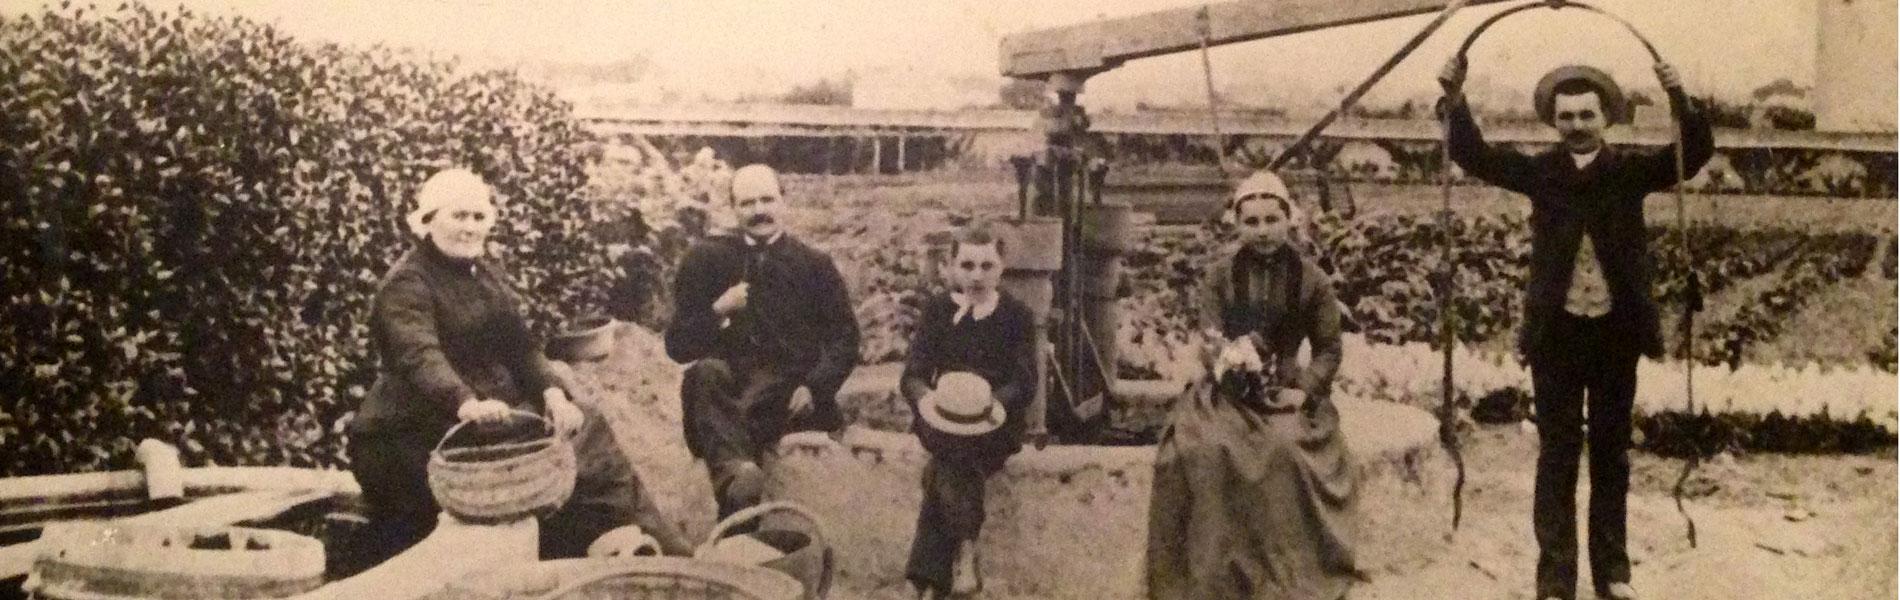 historique 1896